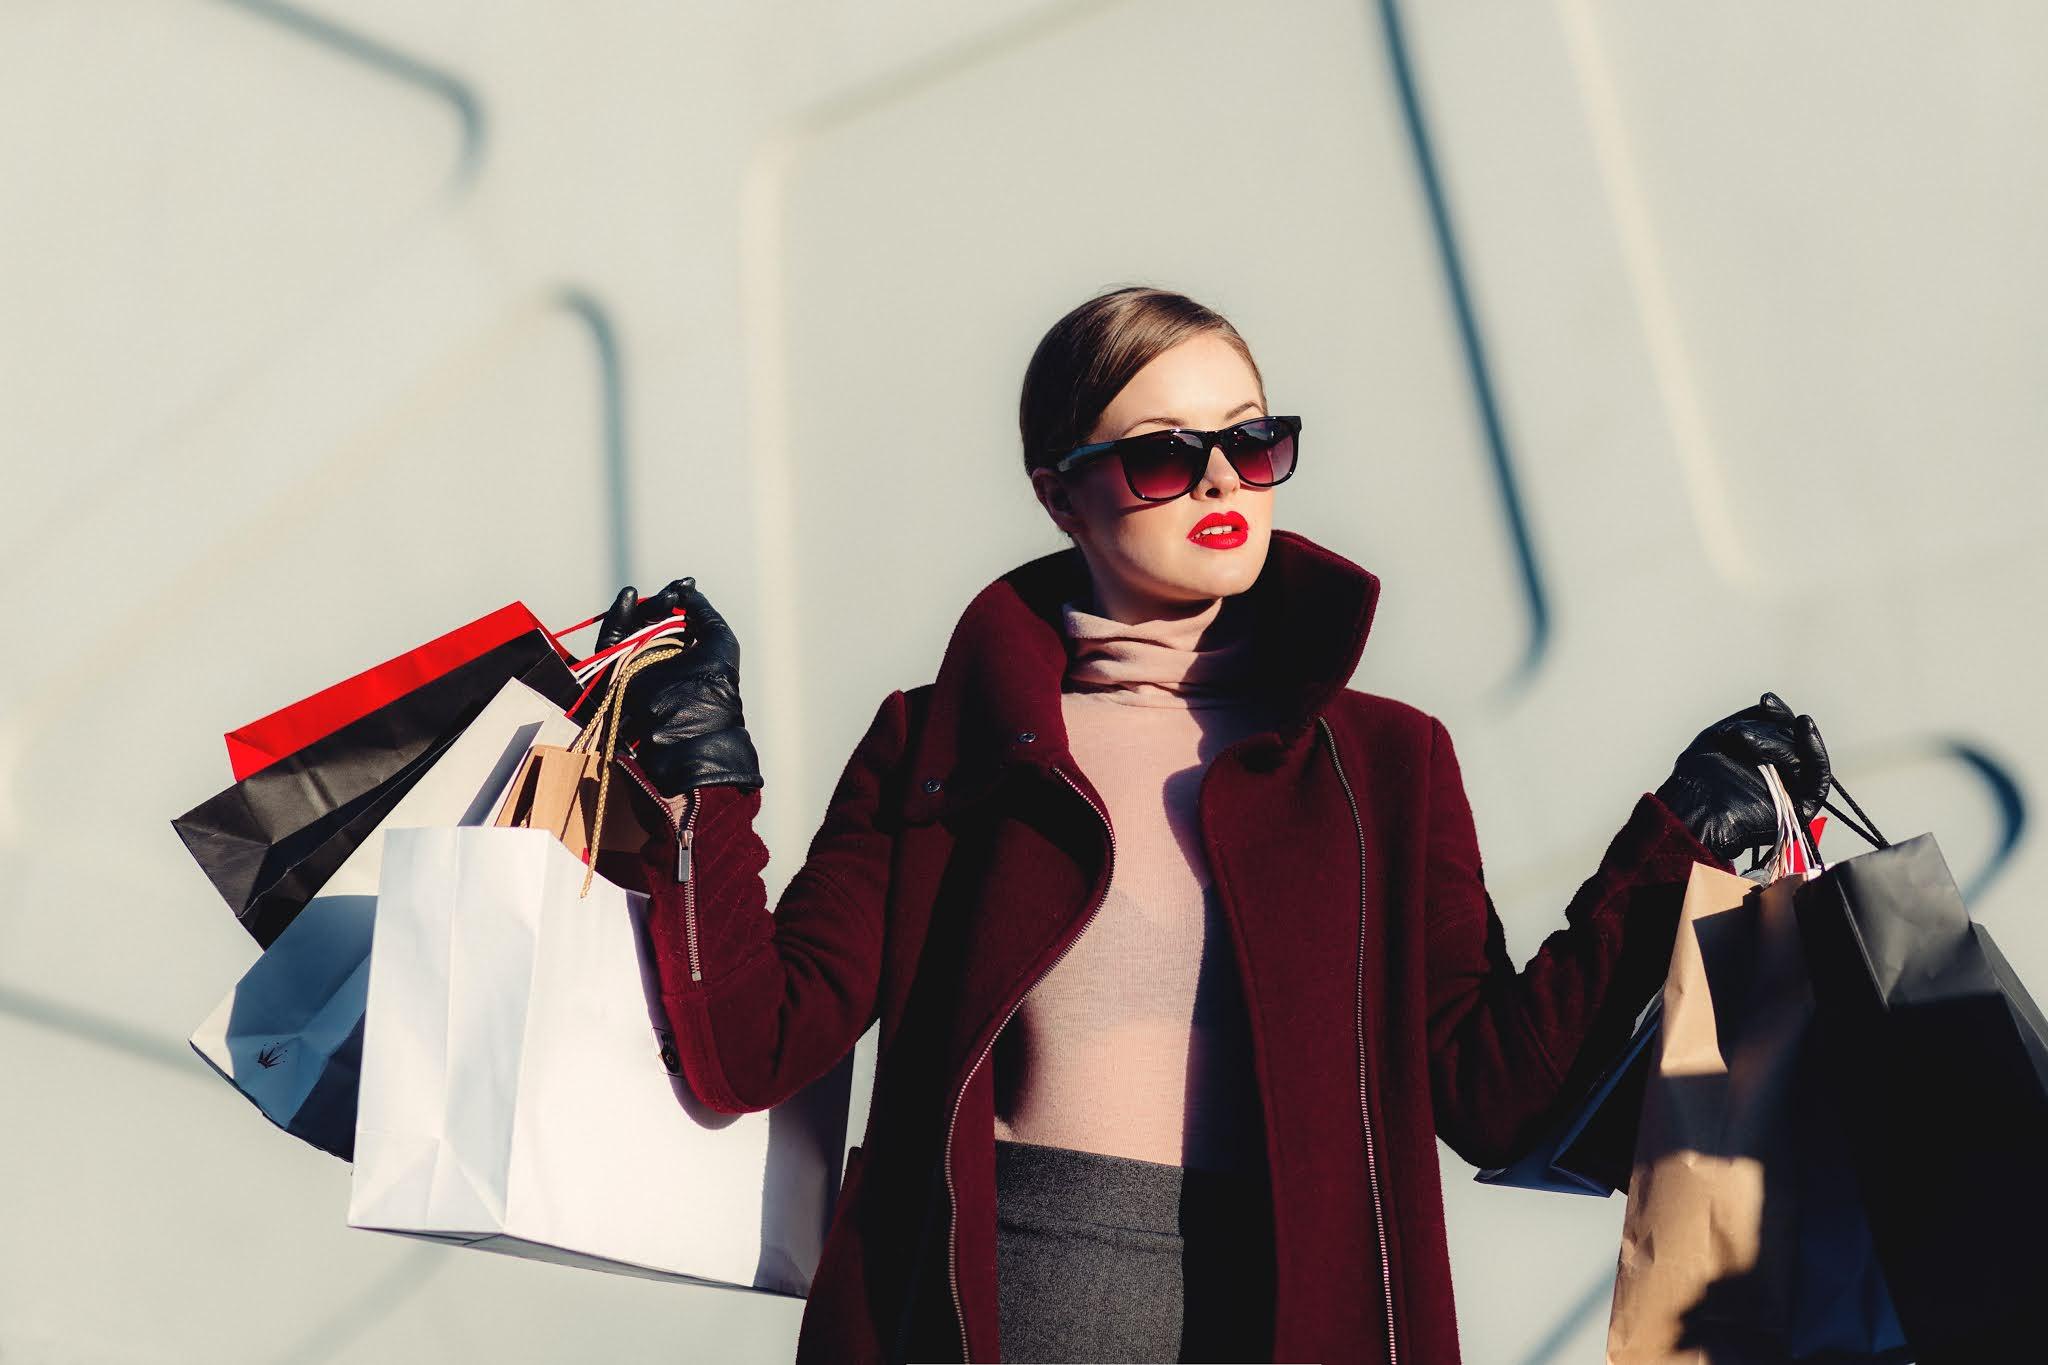 Moda damska - najważniejsze wiadomości i trendy w jednym miejscu